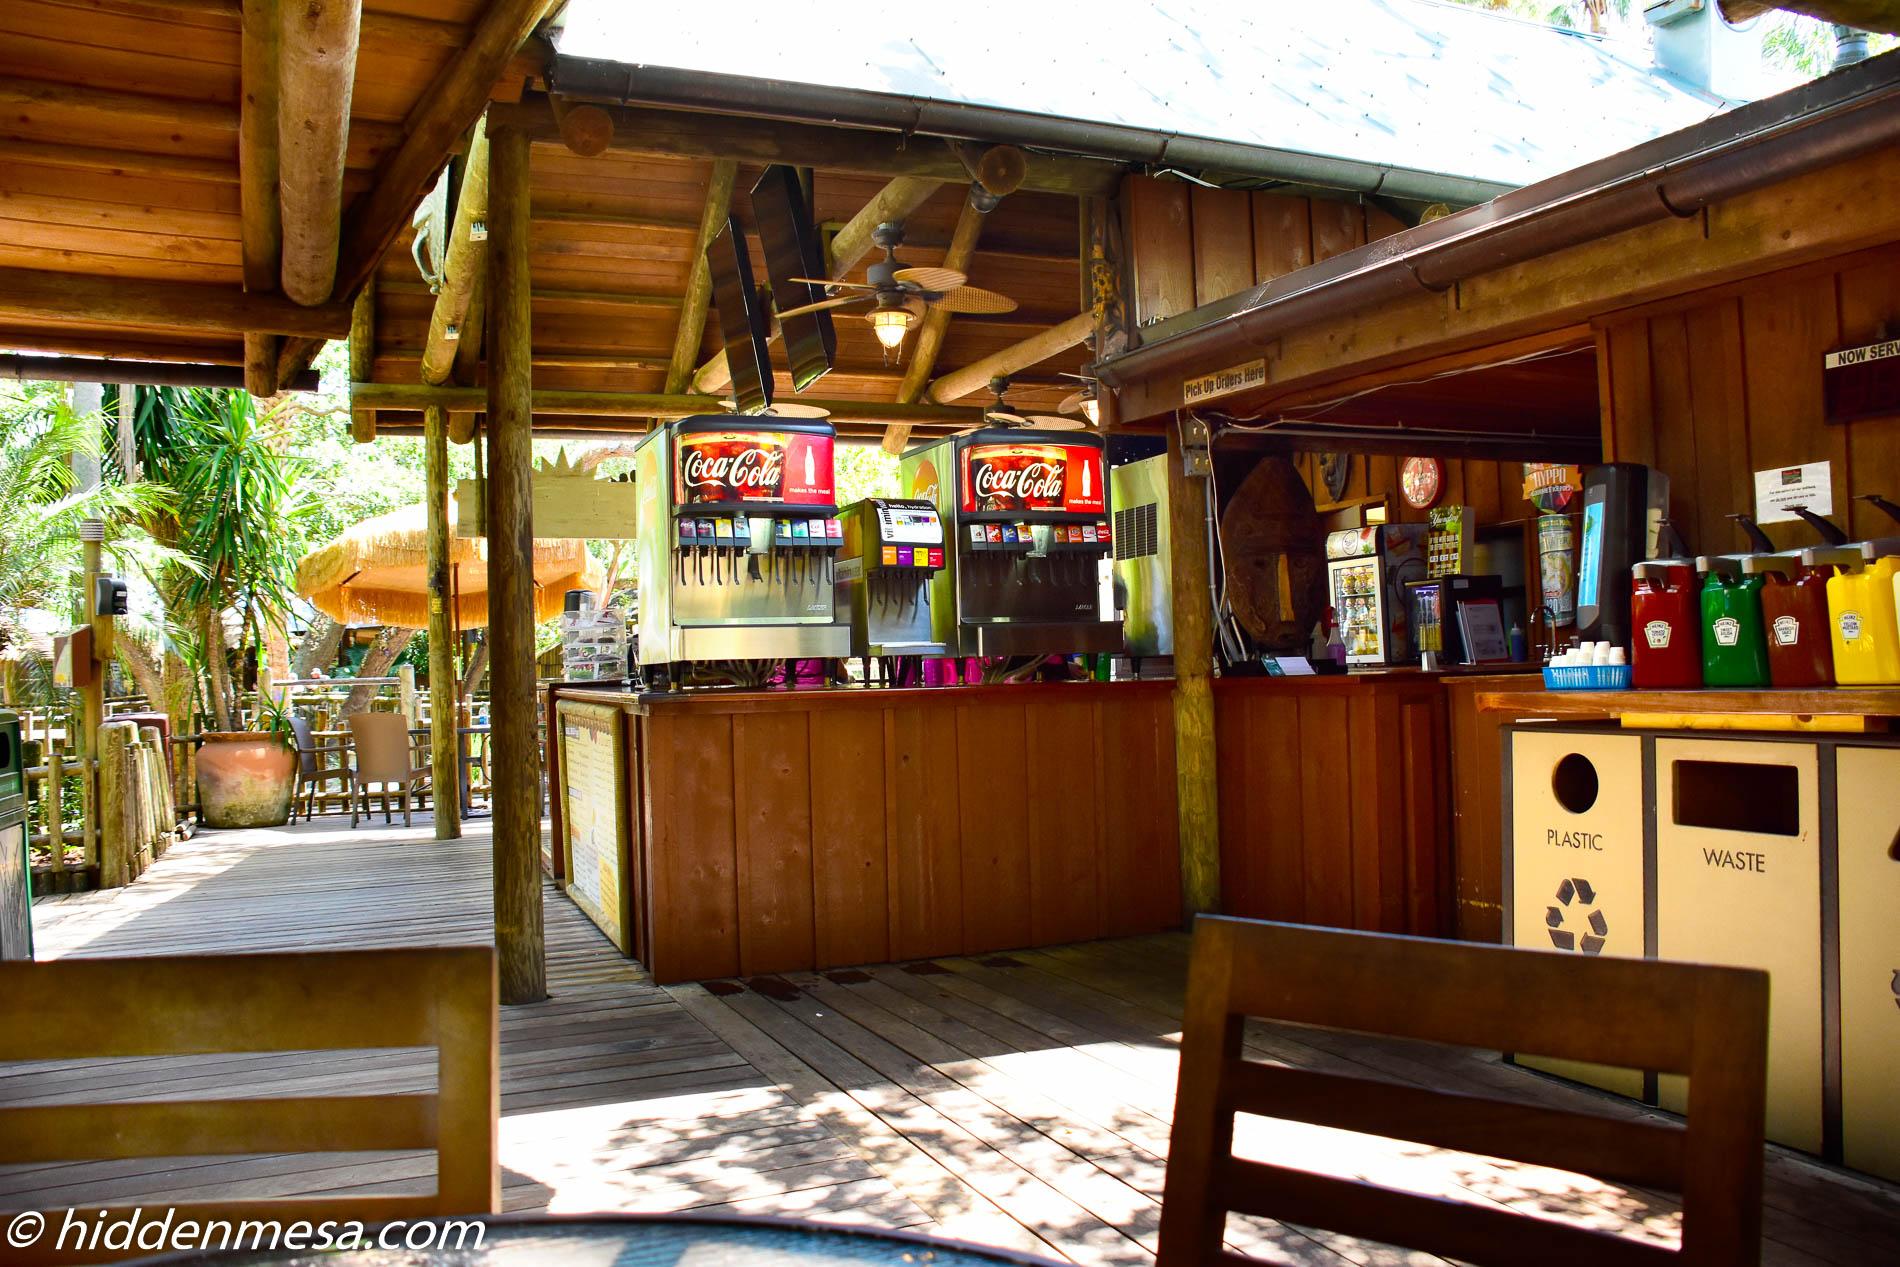 Toucan Tina's Snack Bar